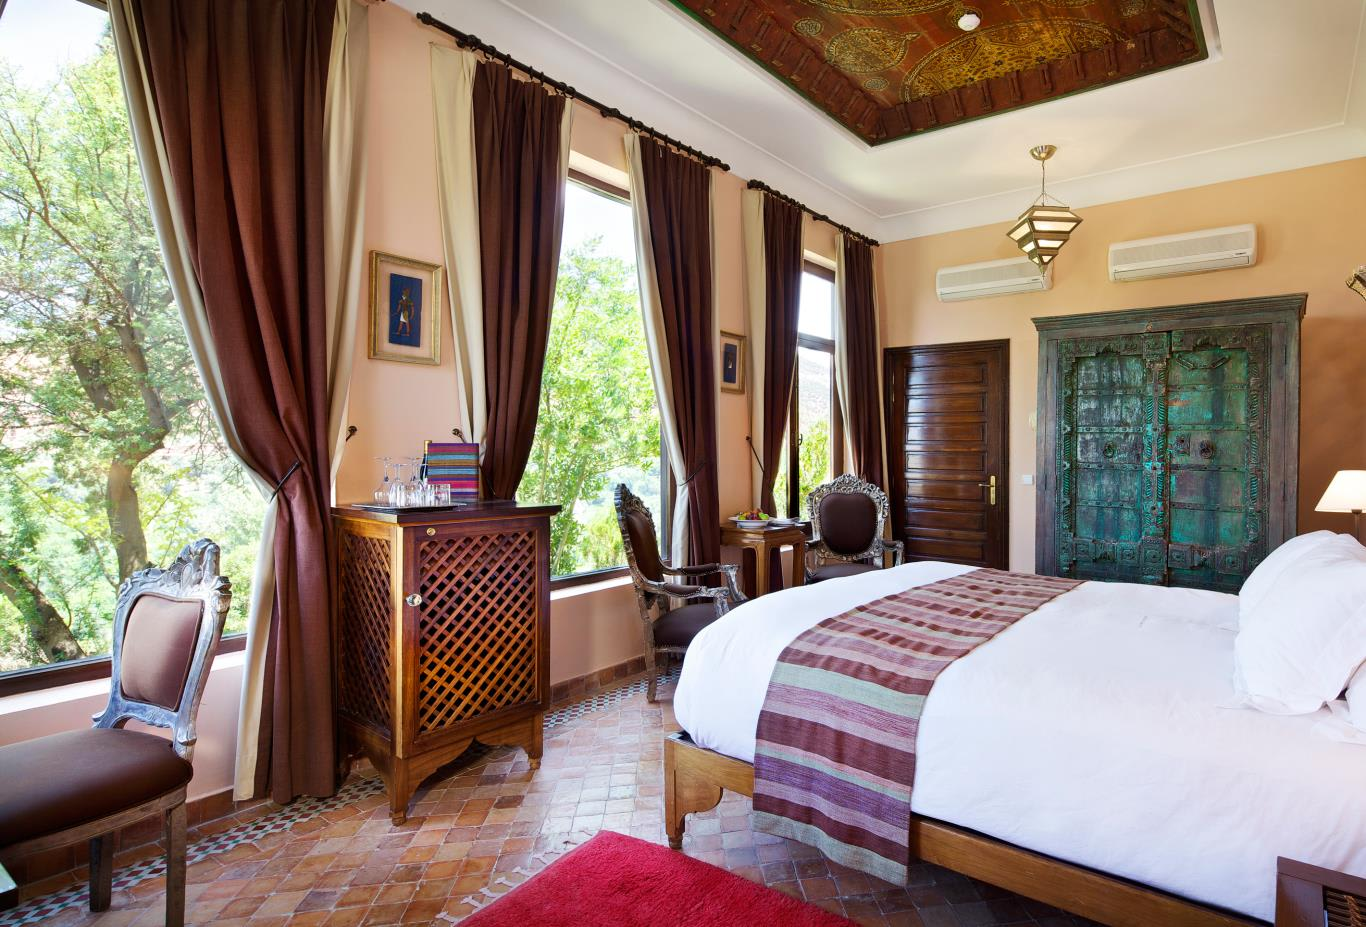 Deluxe-Room-Master-Suite